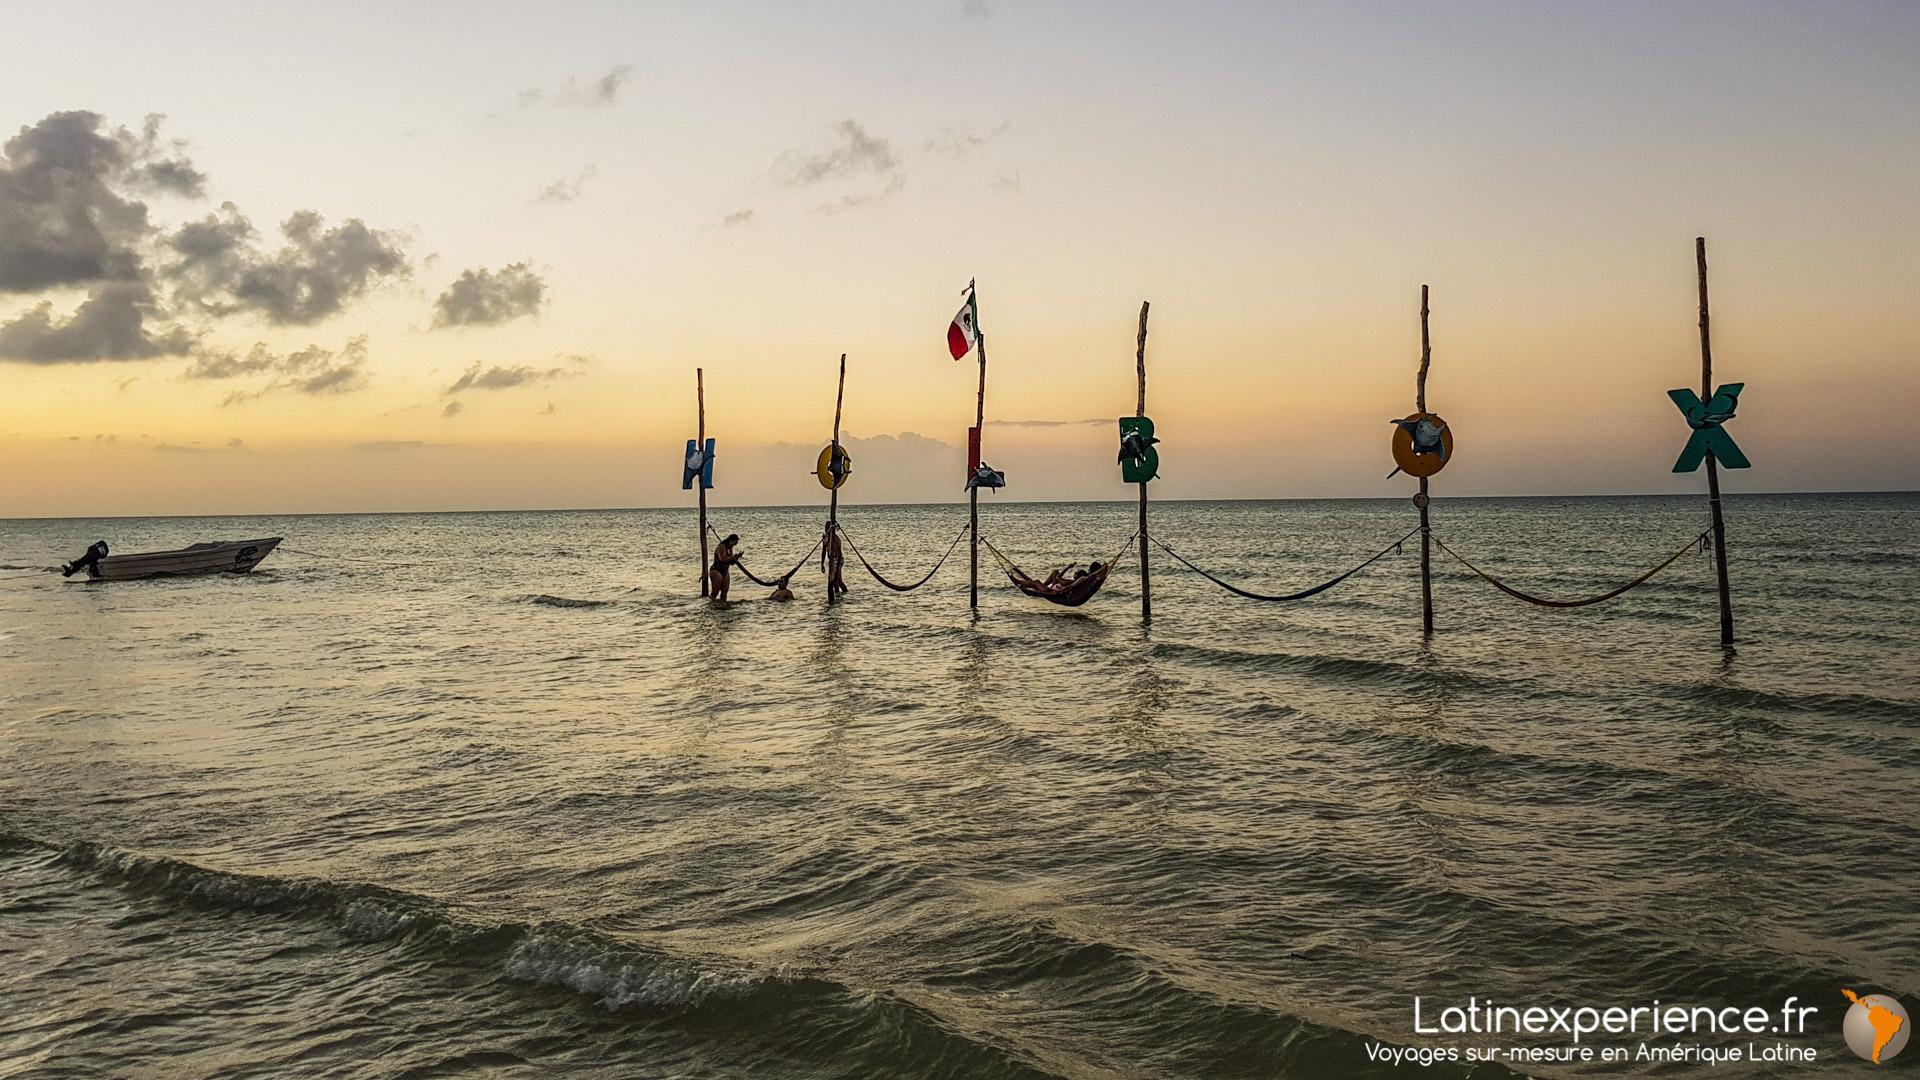 Séjour Mexique - Holbox - Hamacs dans l'eau - Latinexperience voyages